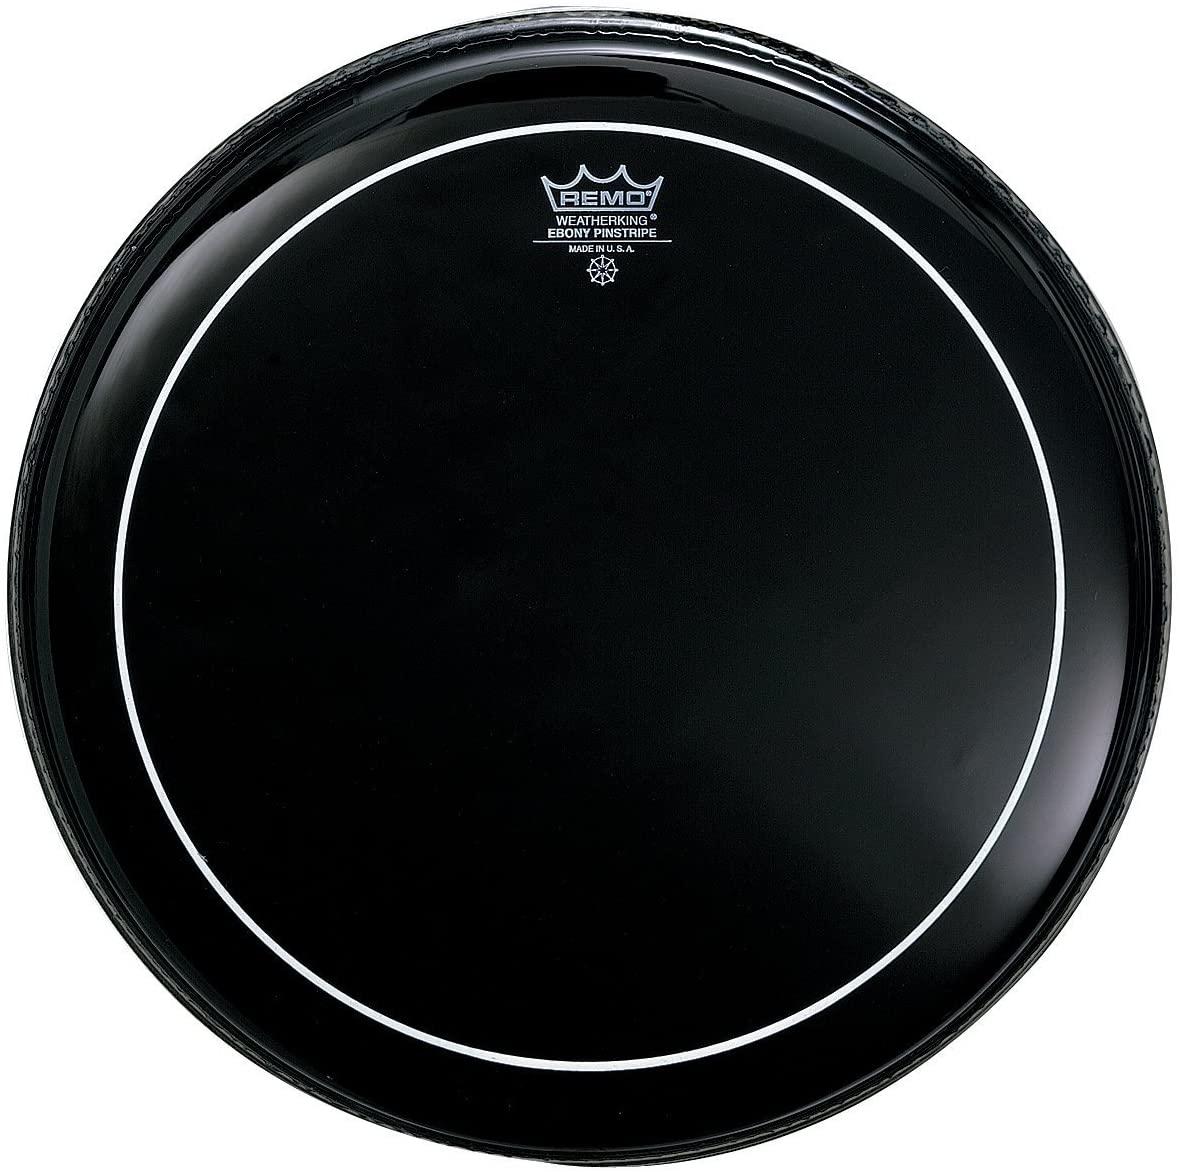 Remo ES0612PS Ebony Pinstripe Drum Head, 12-Inch